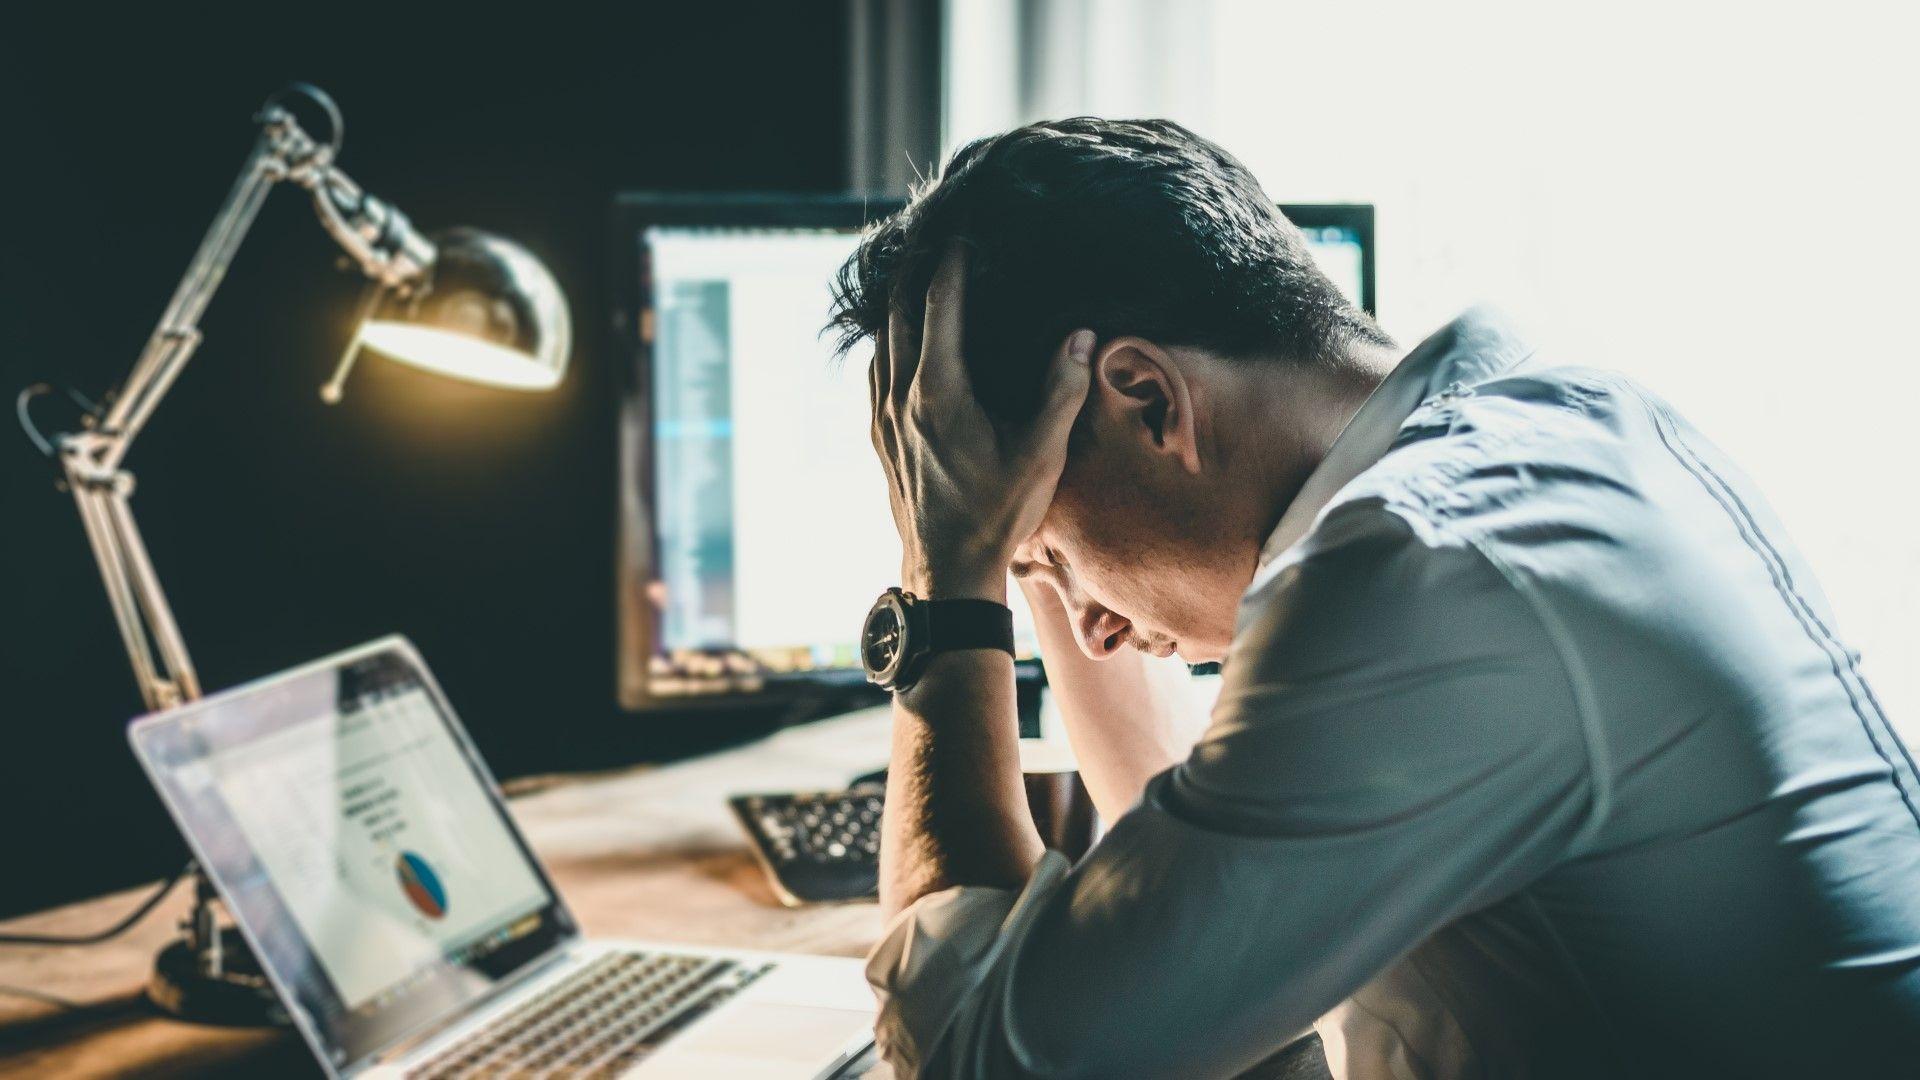 Вечерният стрес влияе по-силно върху организма